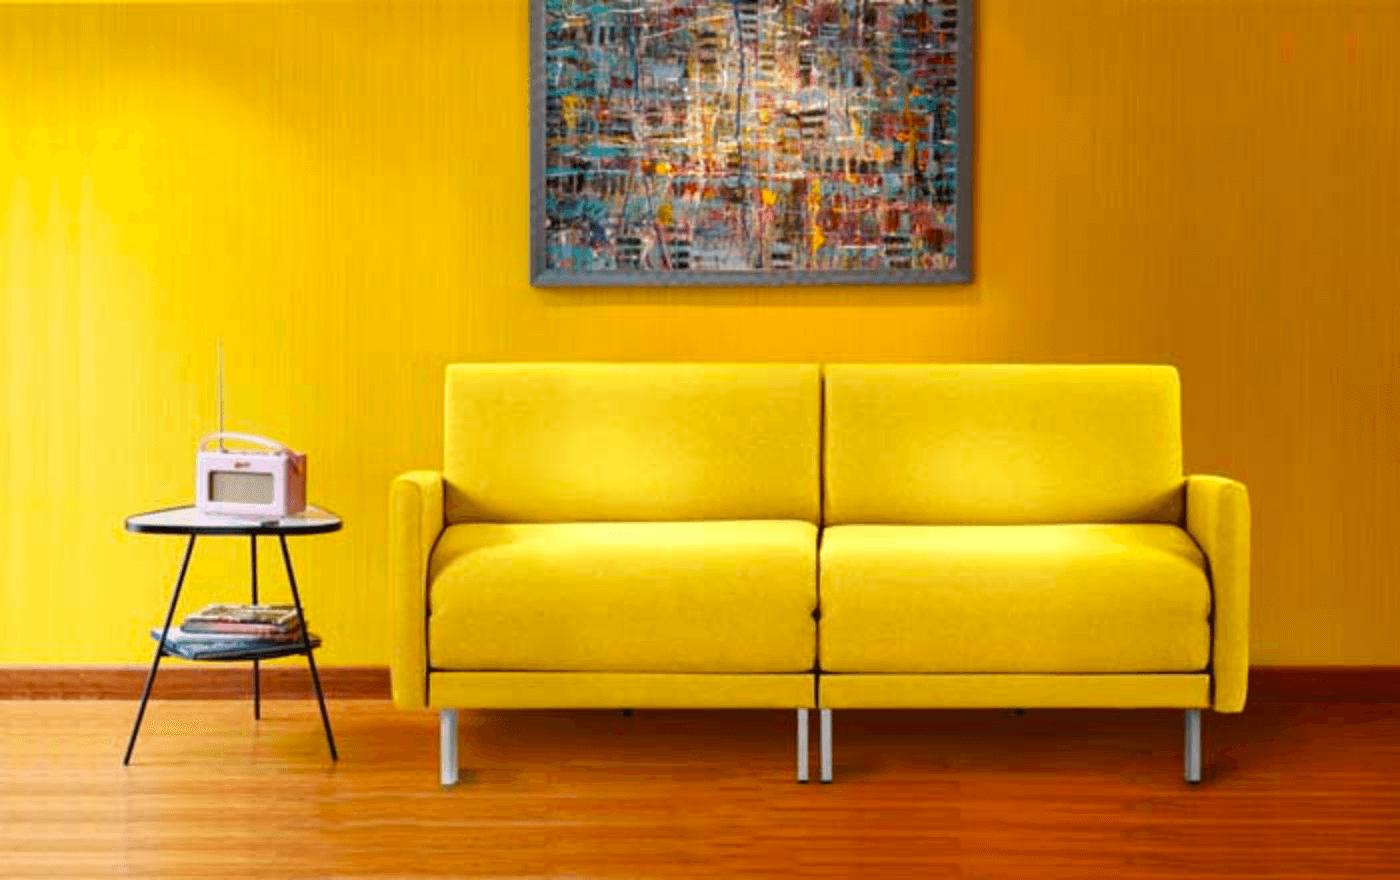 canapé convertible likoolis jaune